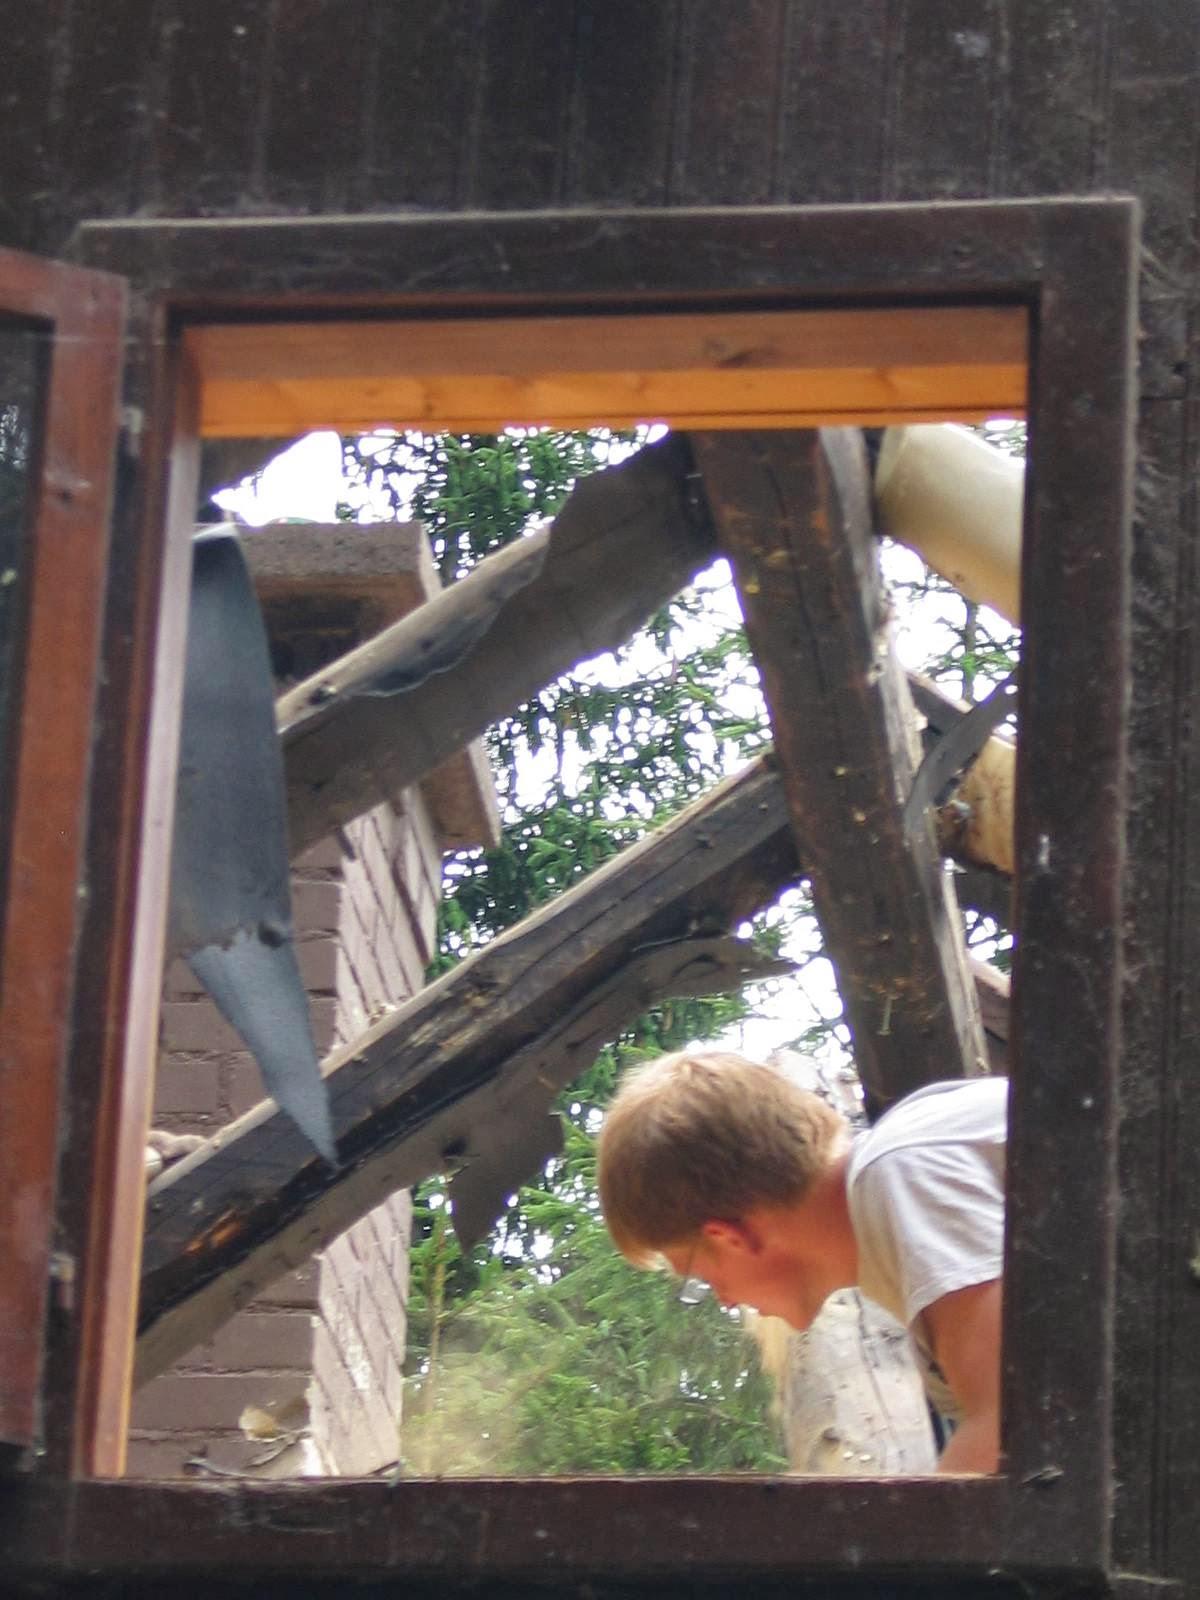 Delovna akcija - Streha, Črni dol 2006 - streha%2B119.jpg